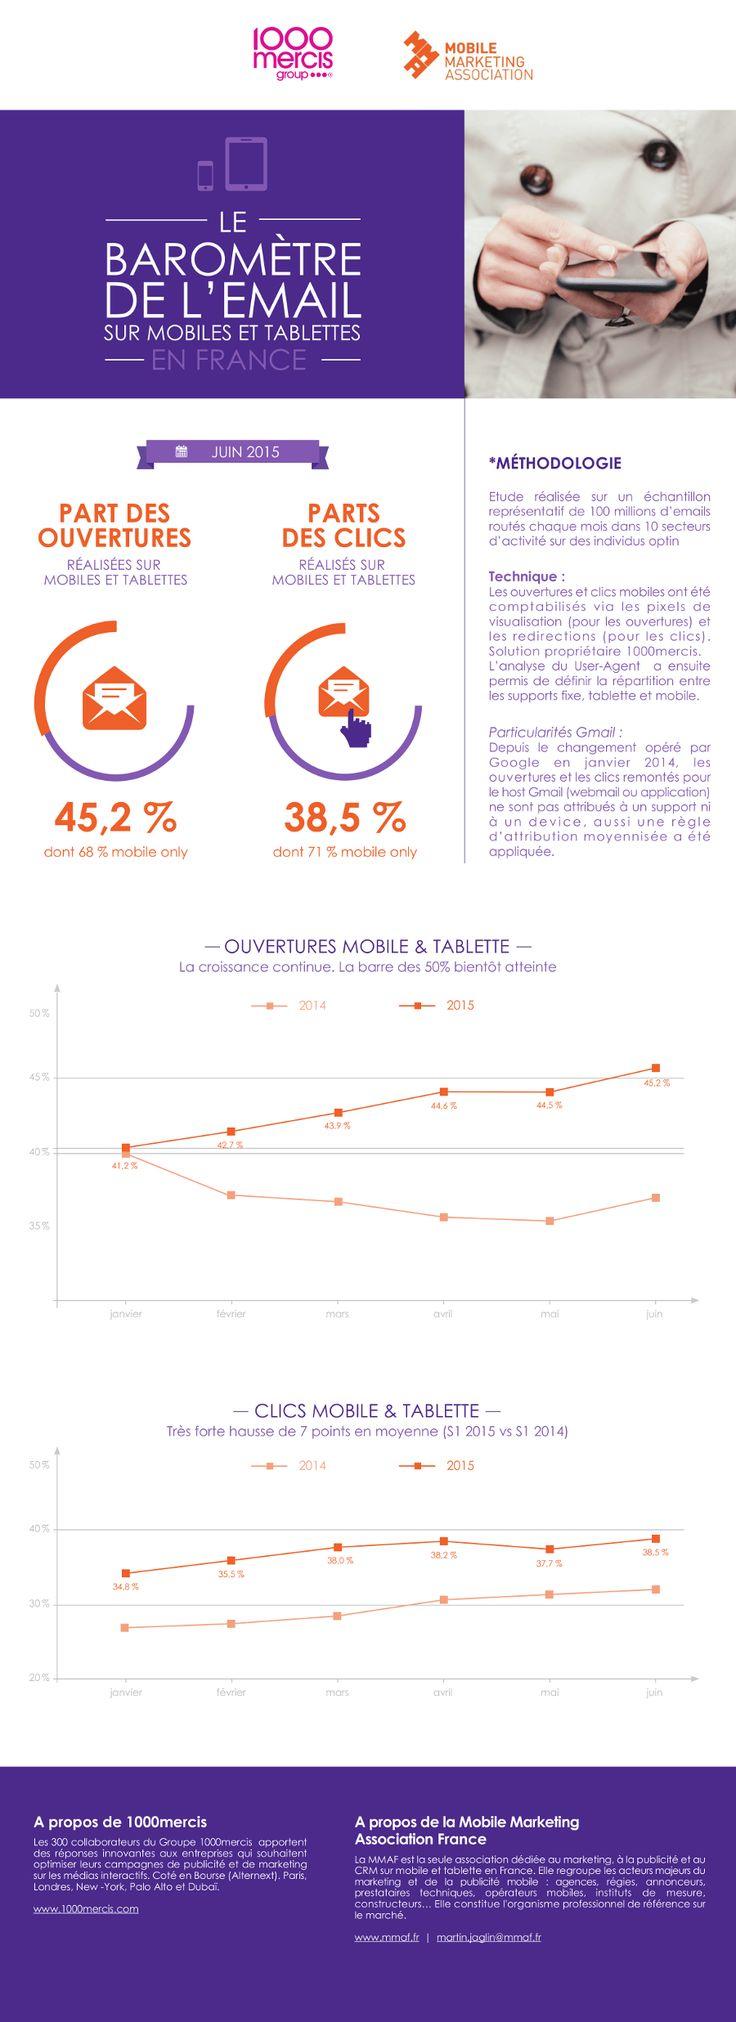 http://comarketing-news.fr/le-barometre-de-lemail-mobile/